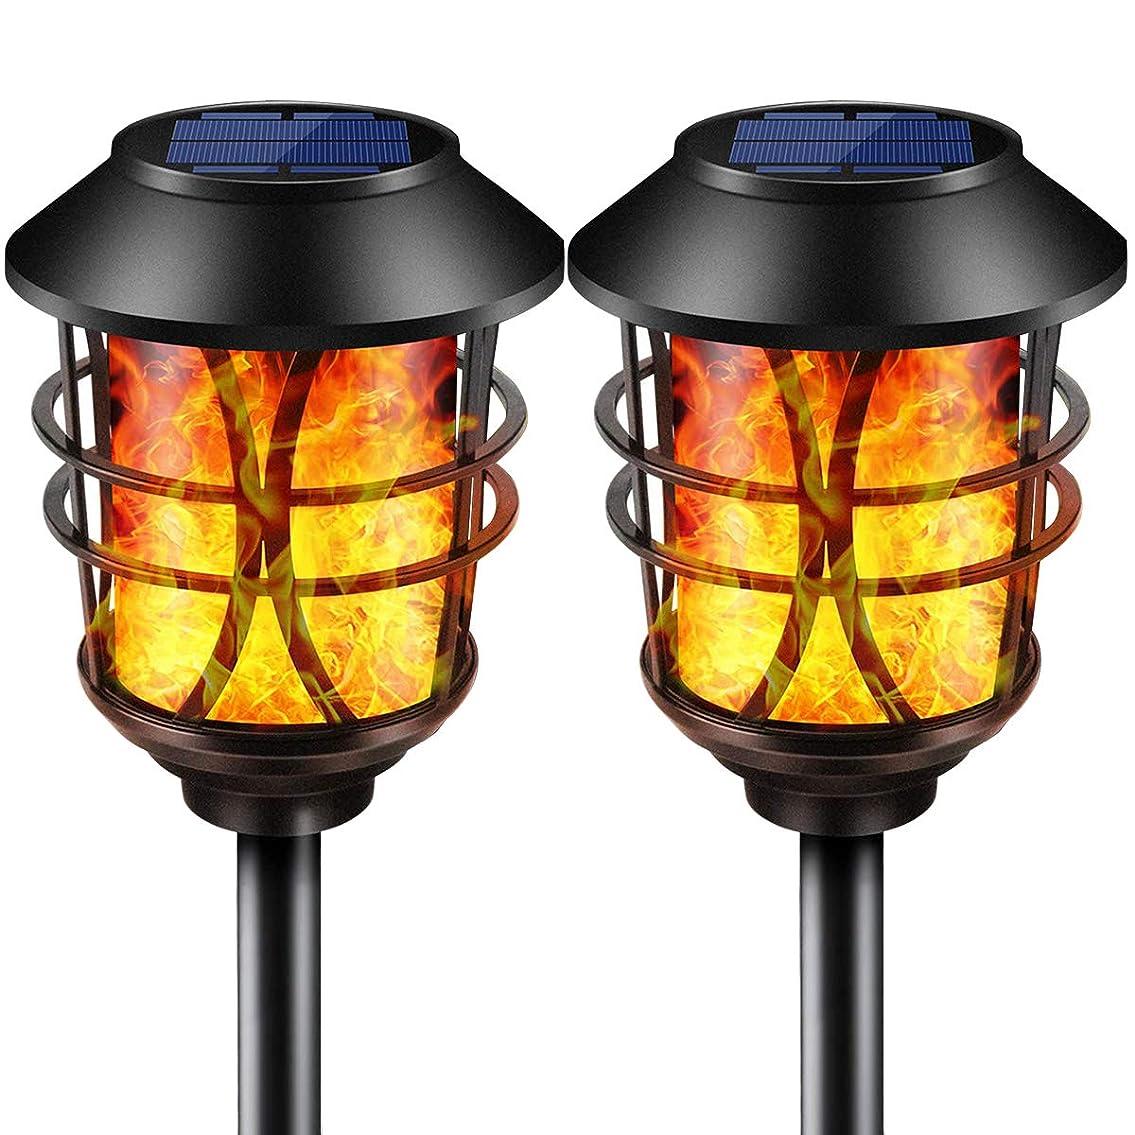 死にかけているプレート任命するSOLARMKS ソーラーライト,金属のちらつき火炎ガーデンライト、96電球内蔵, 屋外用 庭の パティオ IP65防水 電池不要 省エネ 自動点灯消灯, 2個セット